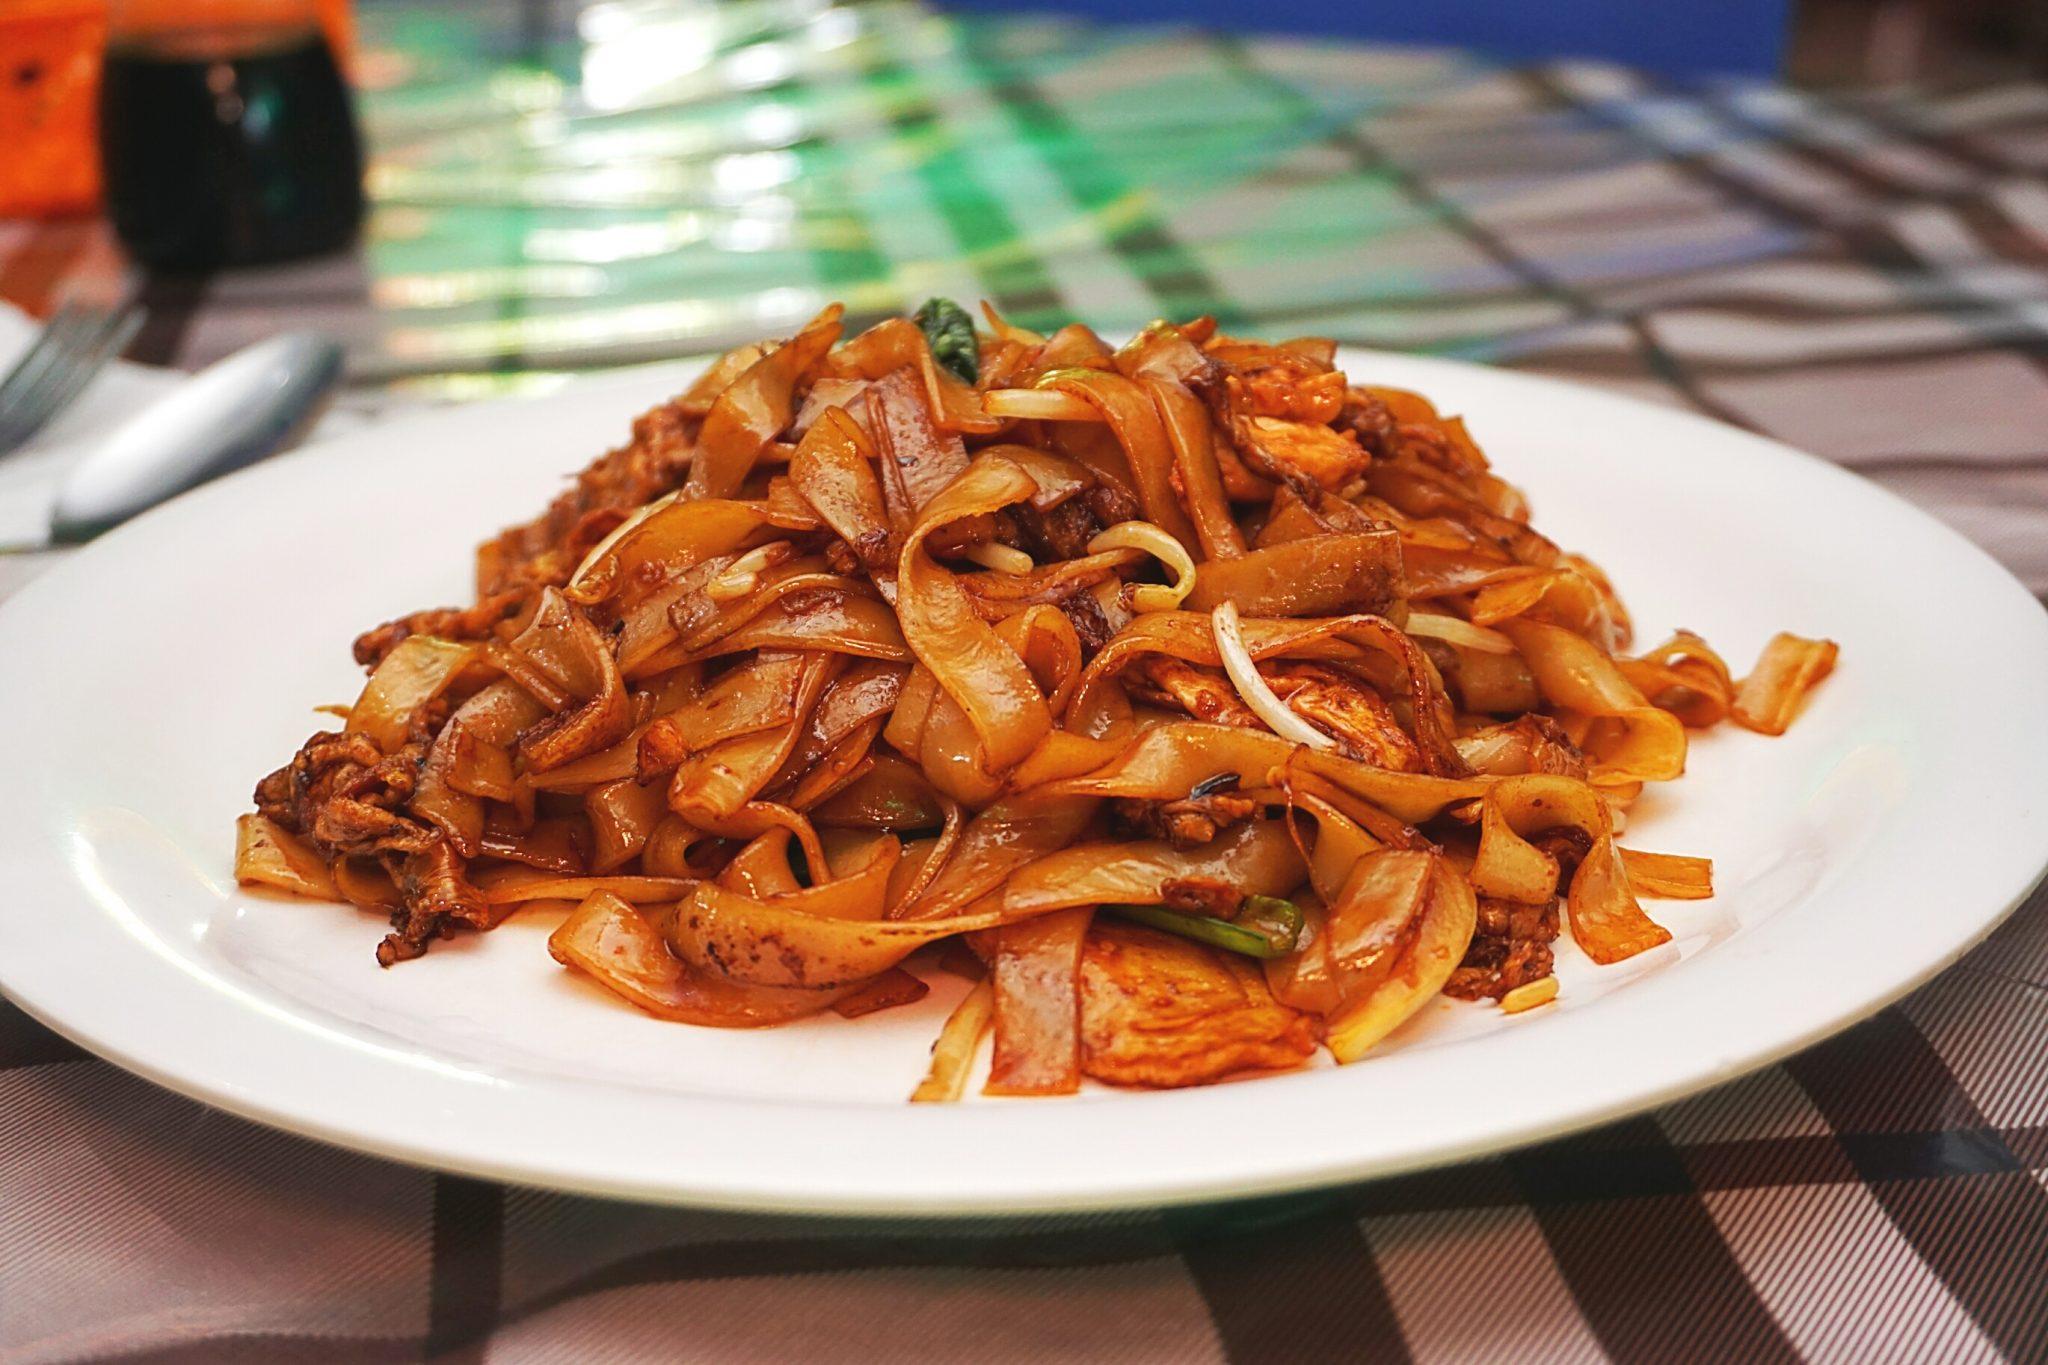 Tanda Kasih Restaurant in tutong